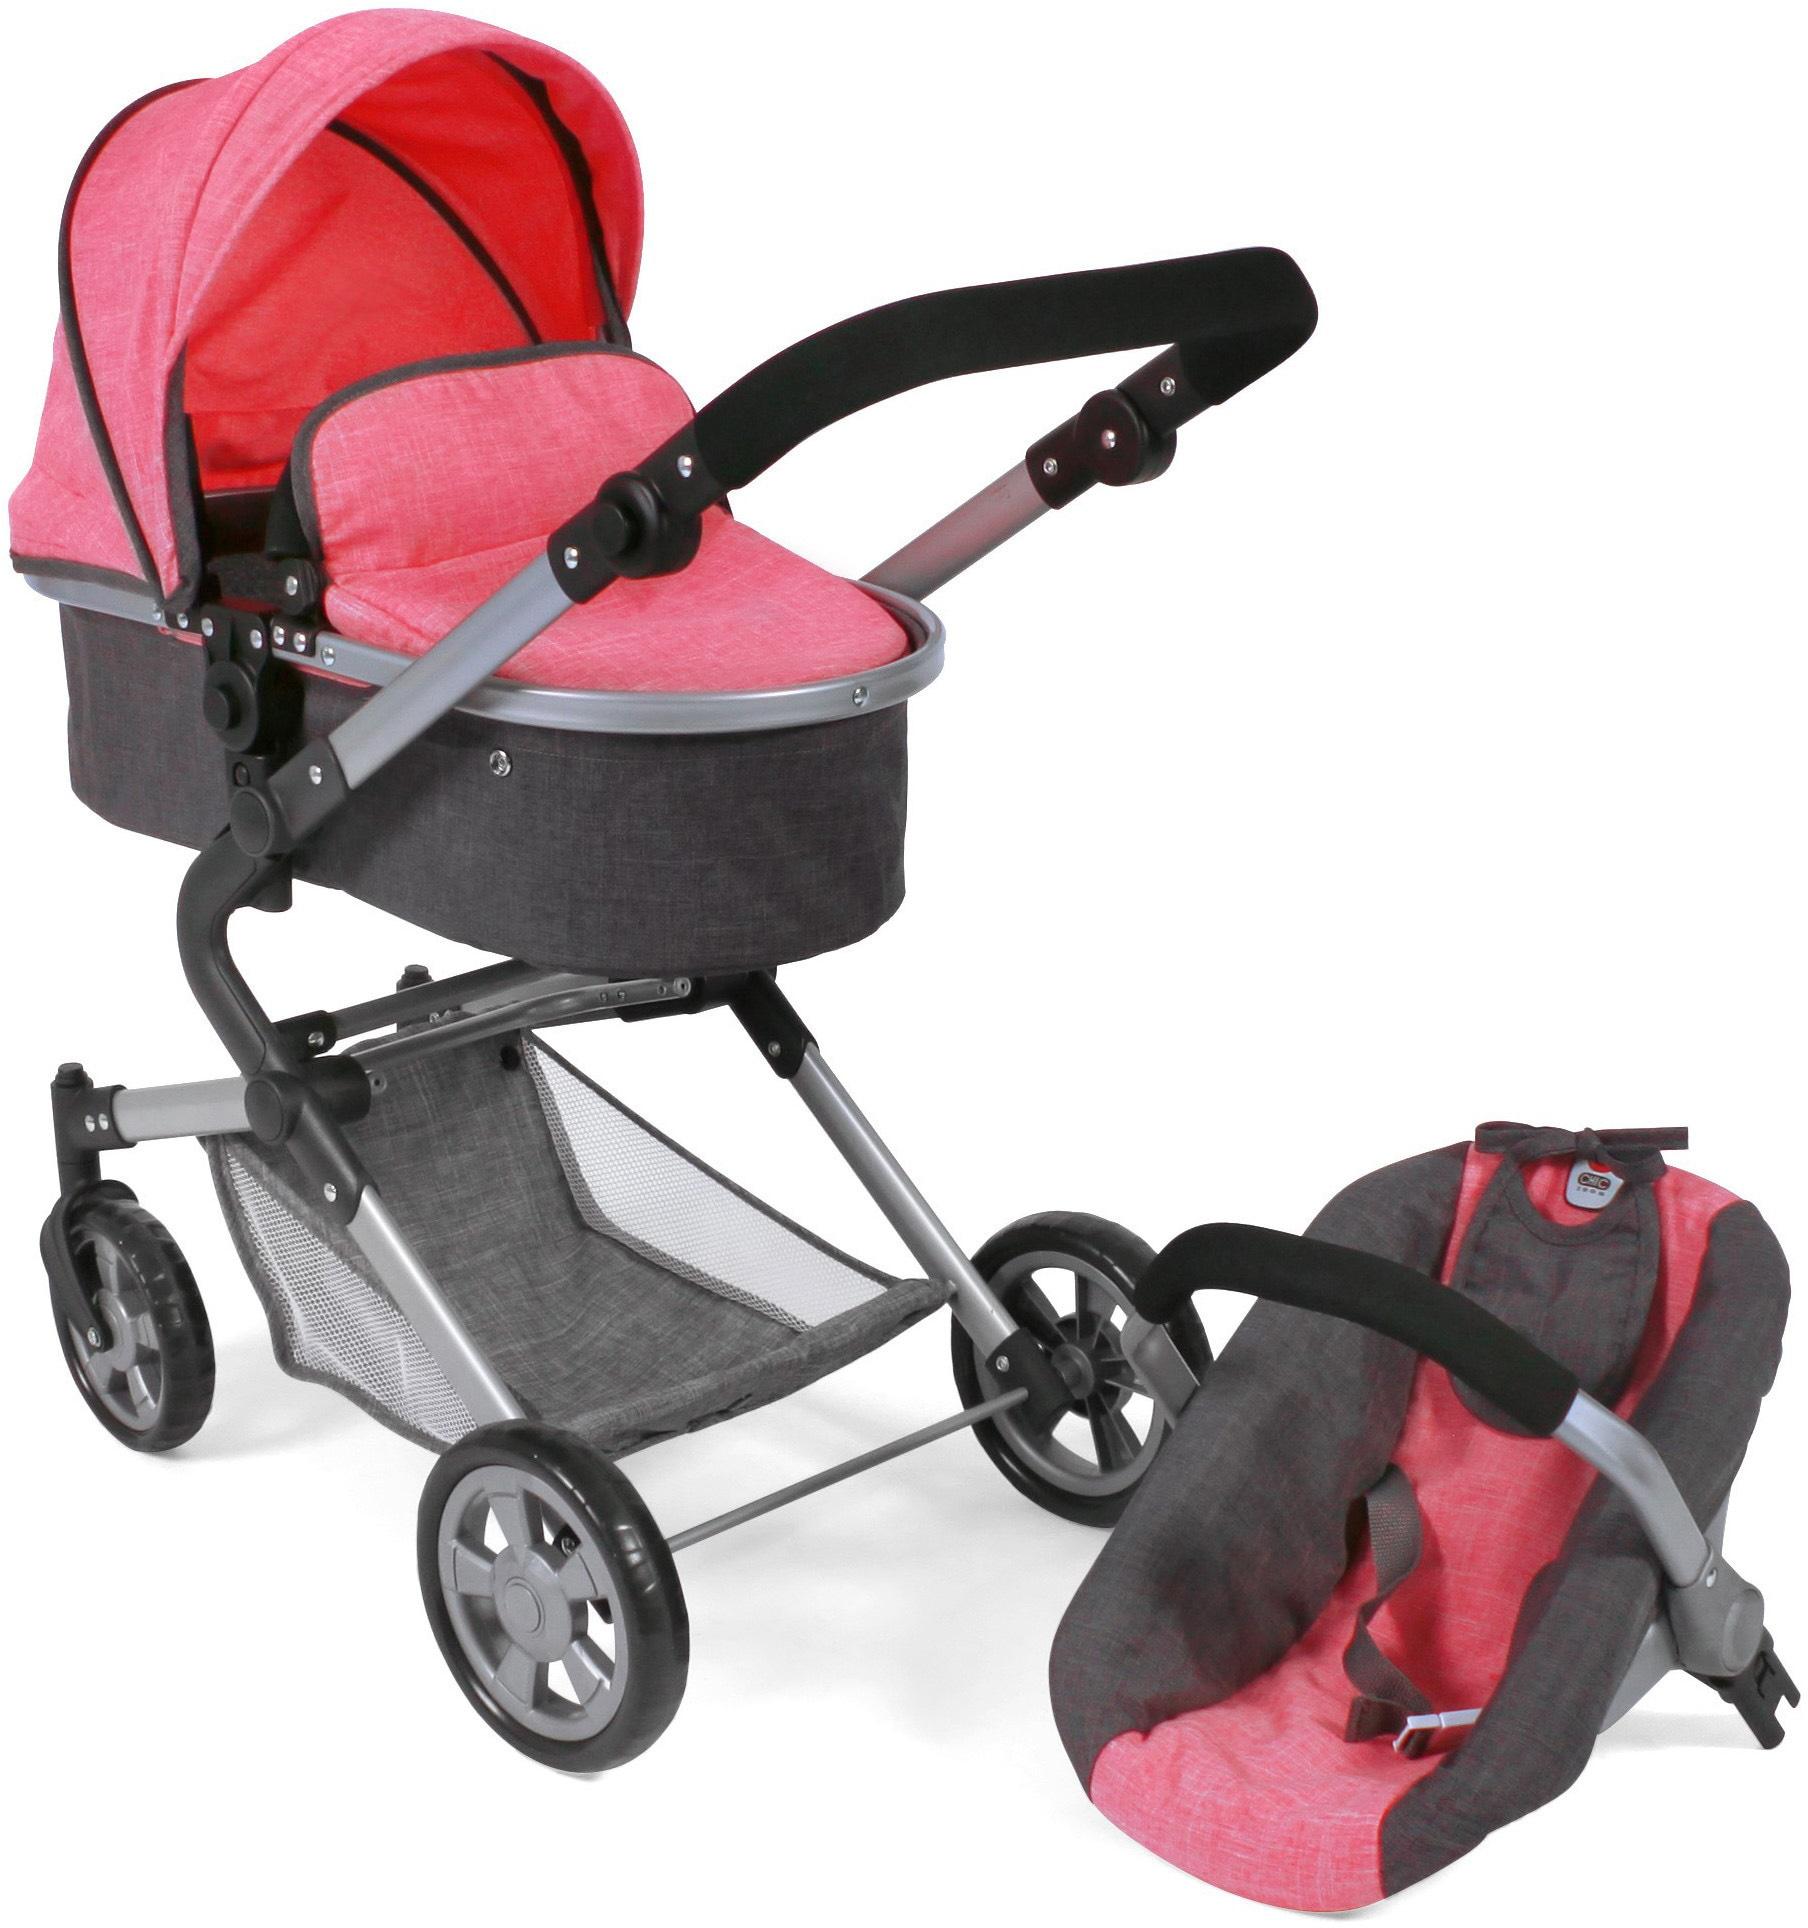 CHIC2000 Kombi-Puppenwagen Lia, anthrazit-pink, mit Puppen-Autositz rosa Kinder Puppenzubehör Puppen